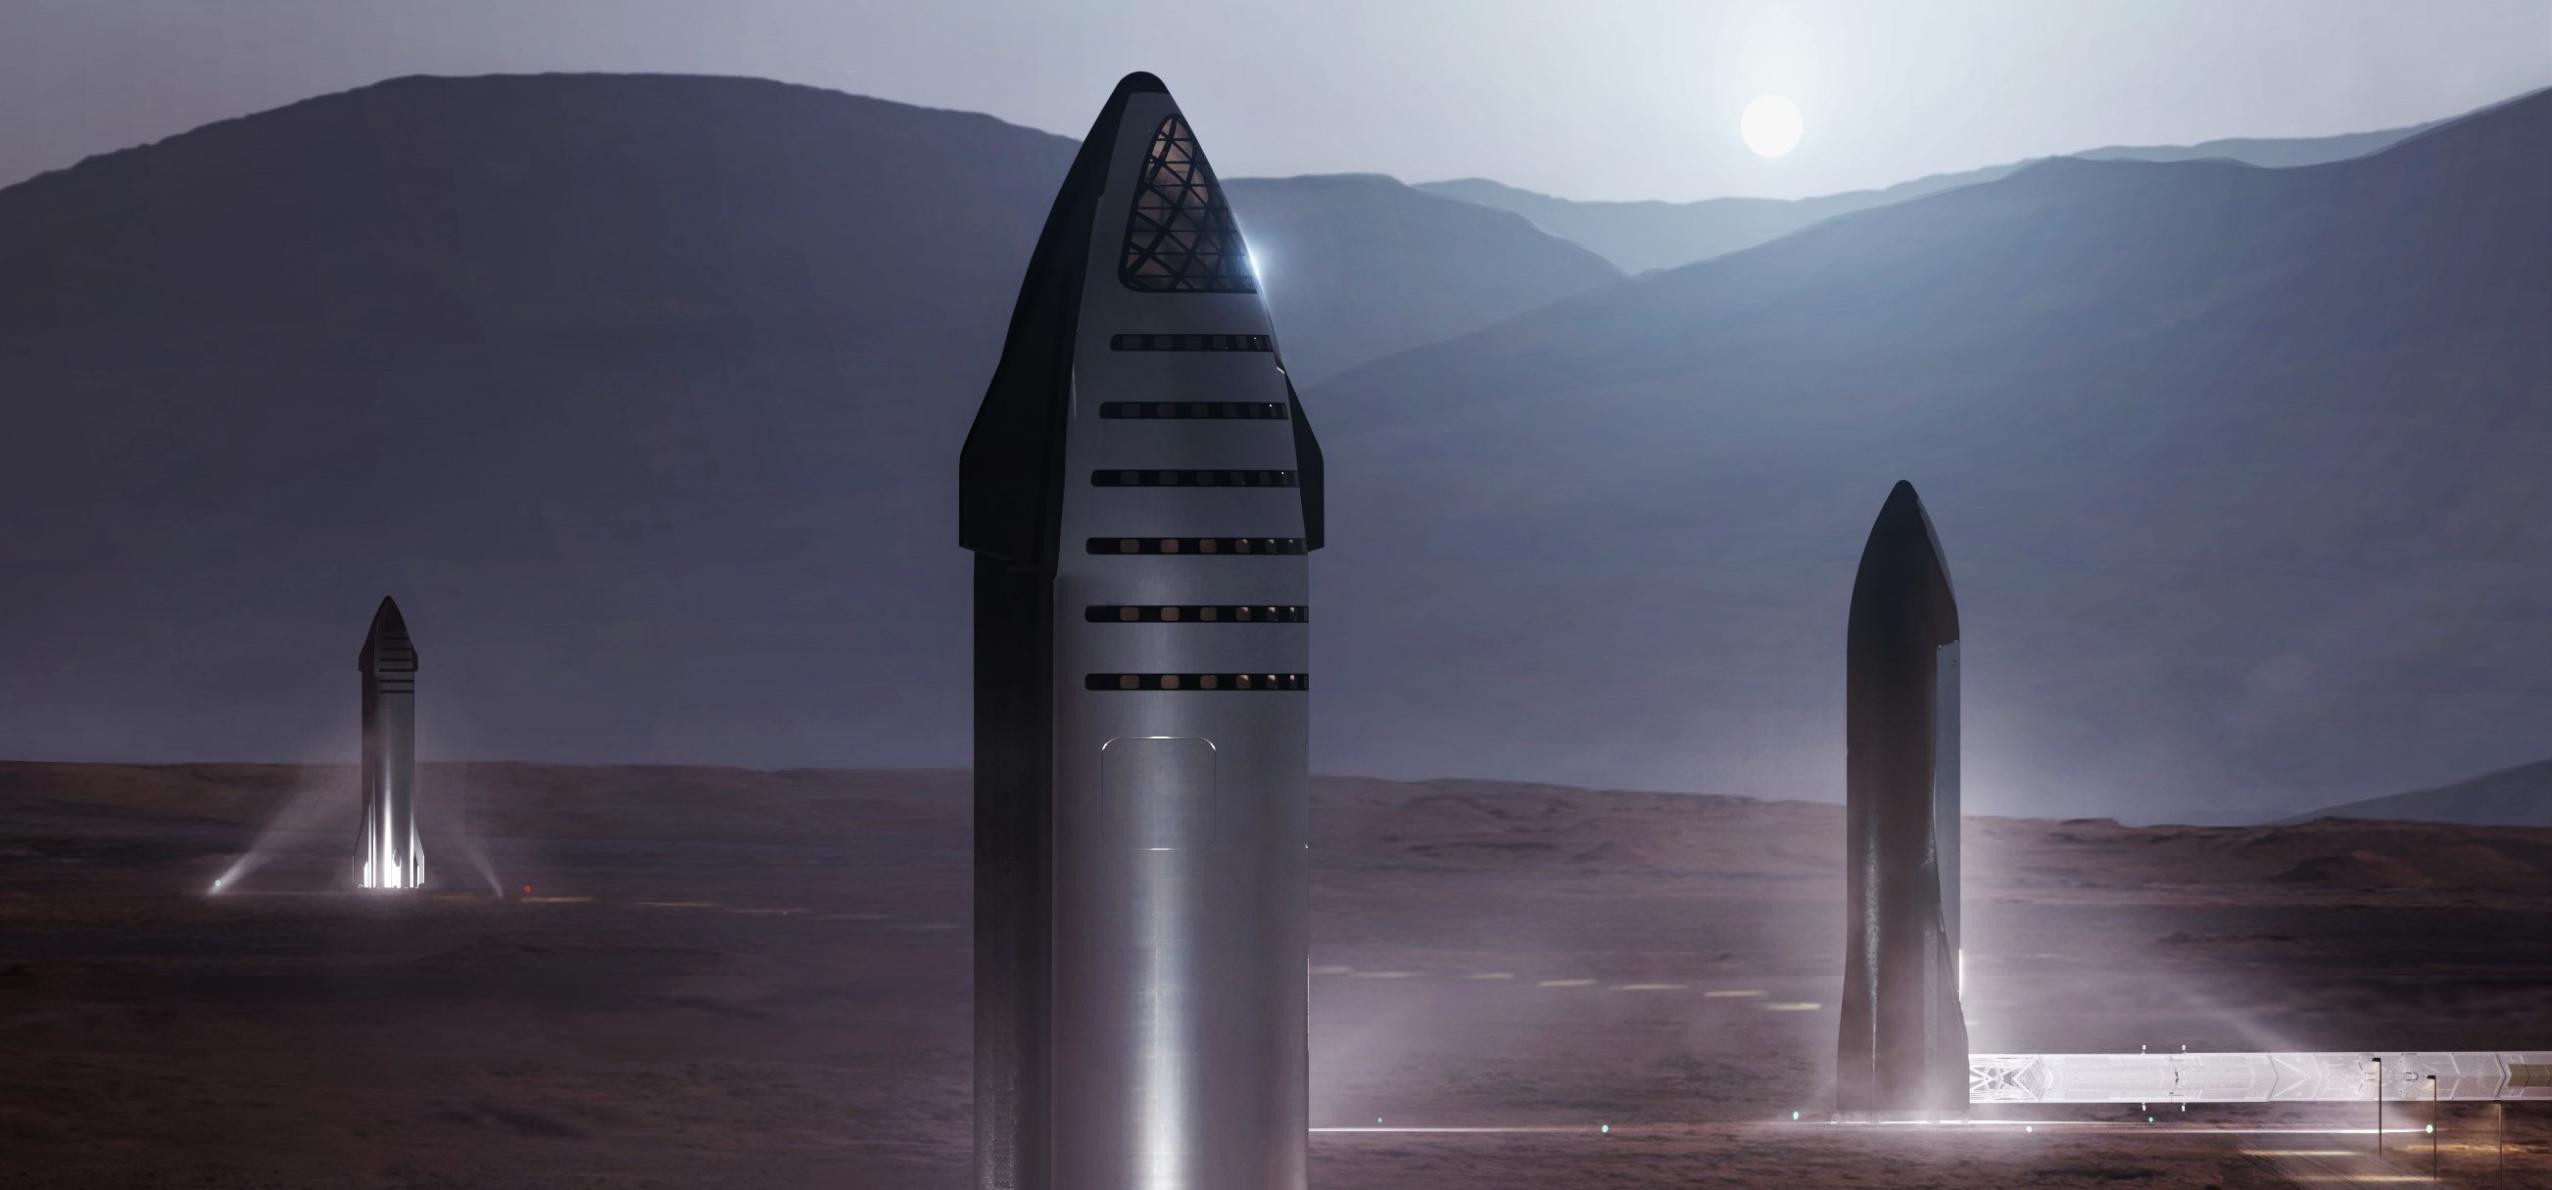 Starship 2019 Mars base render (SpaceX) 1 crop close (c)